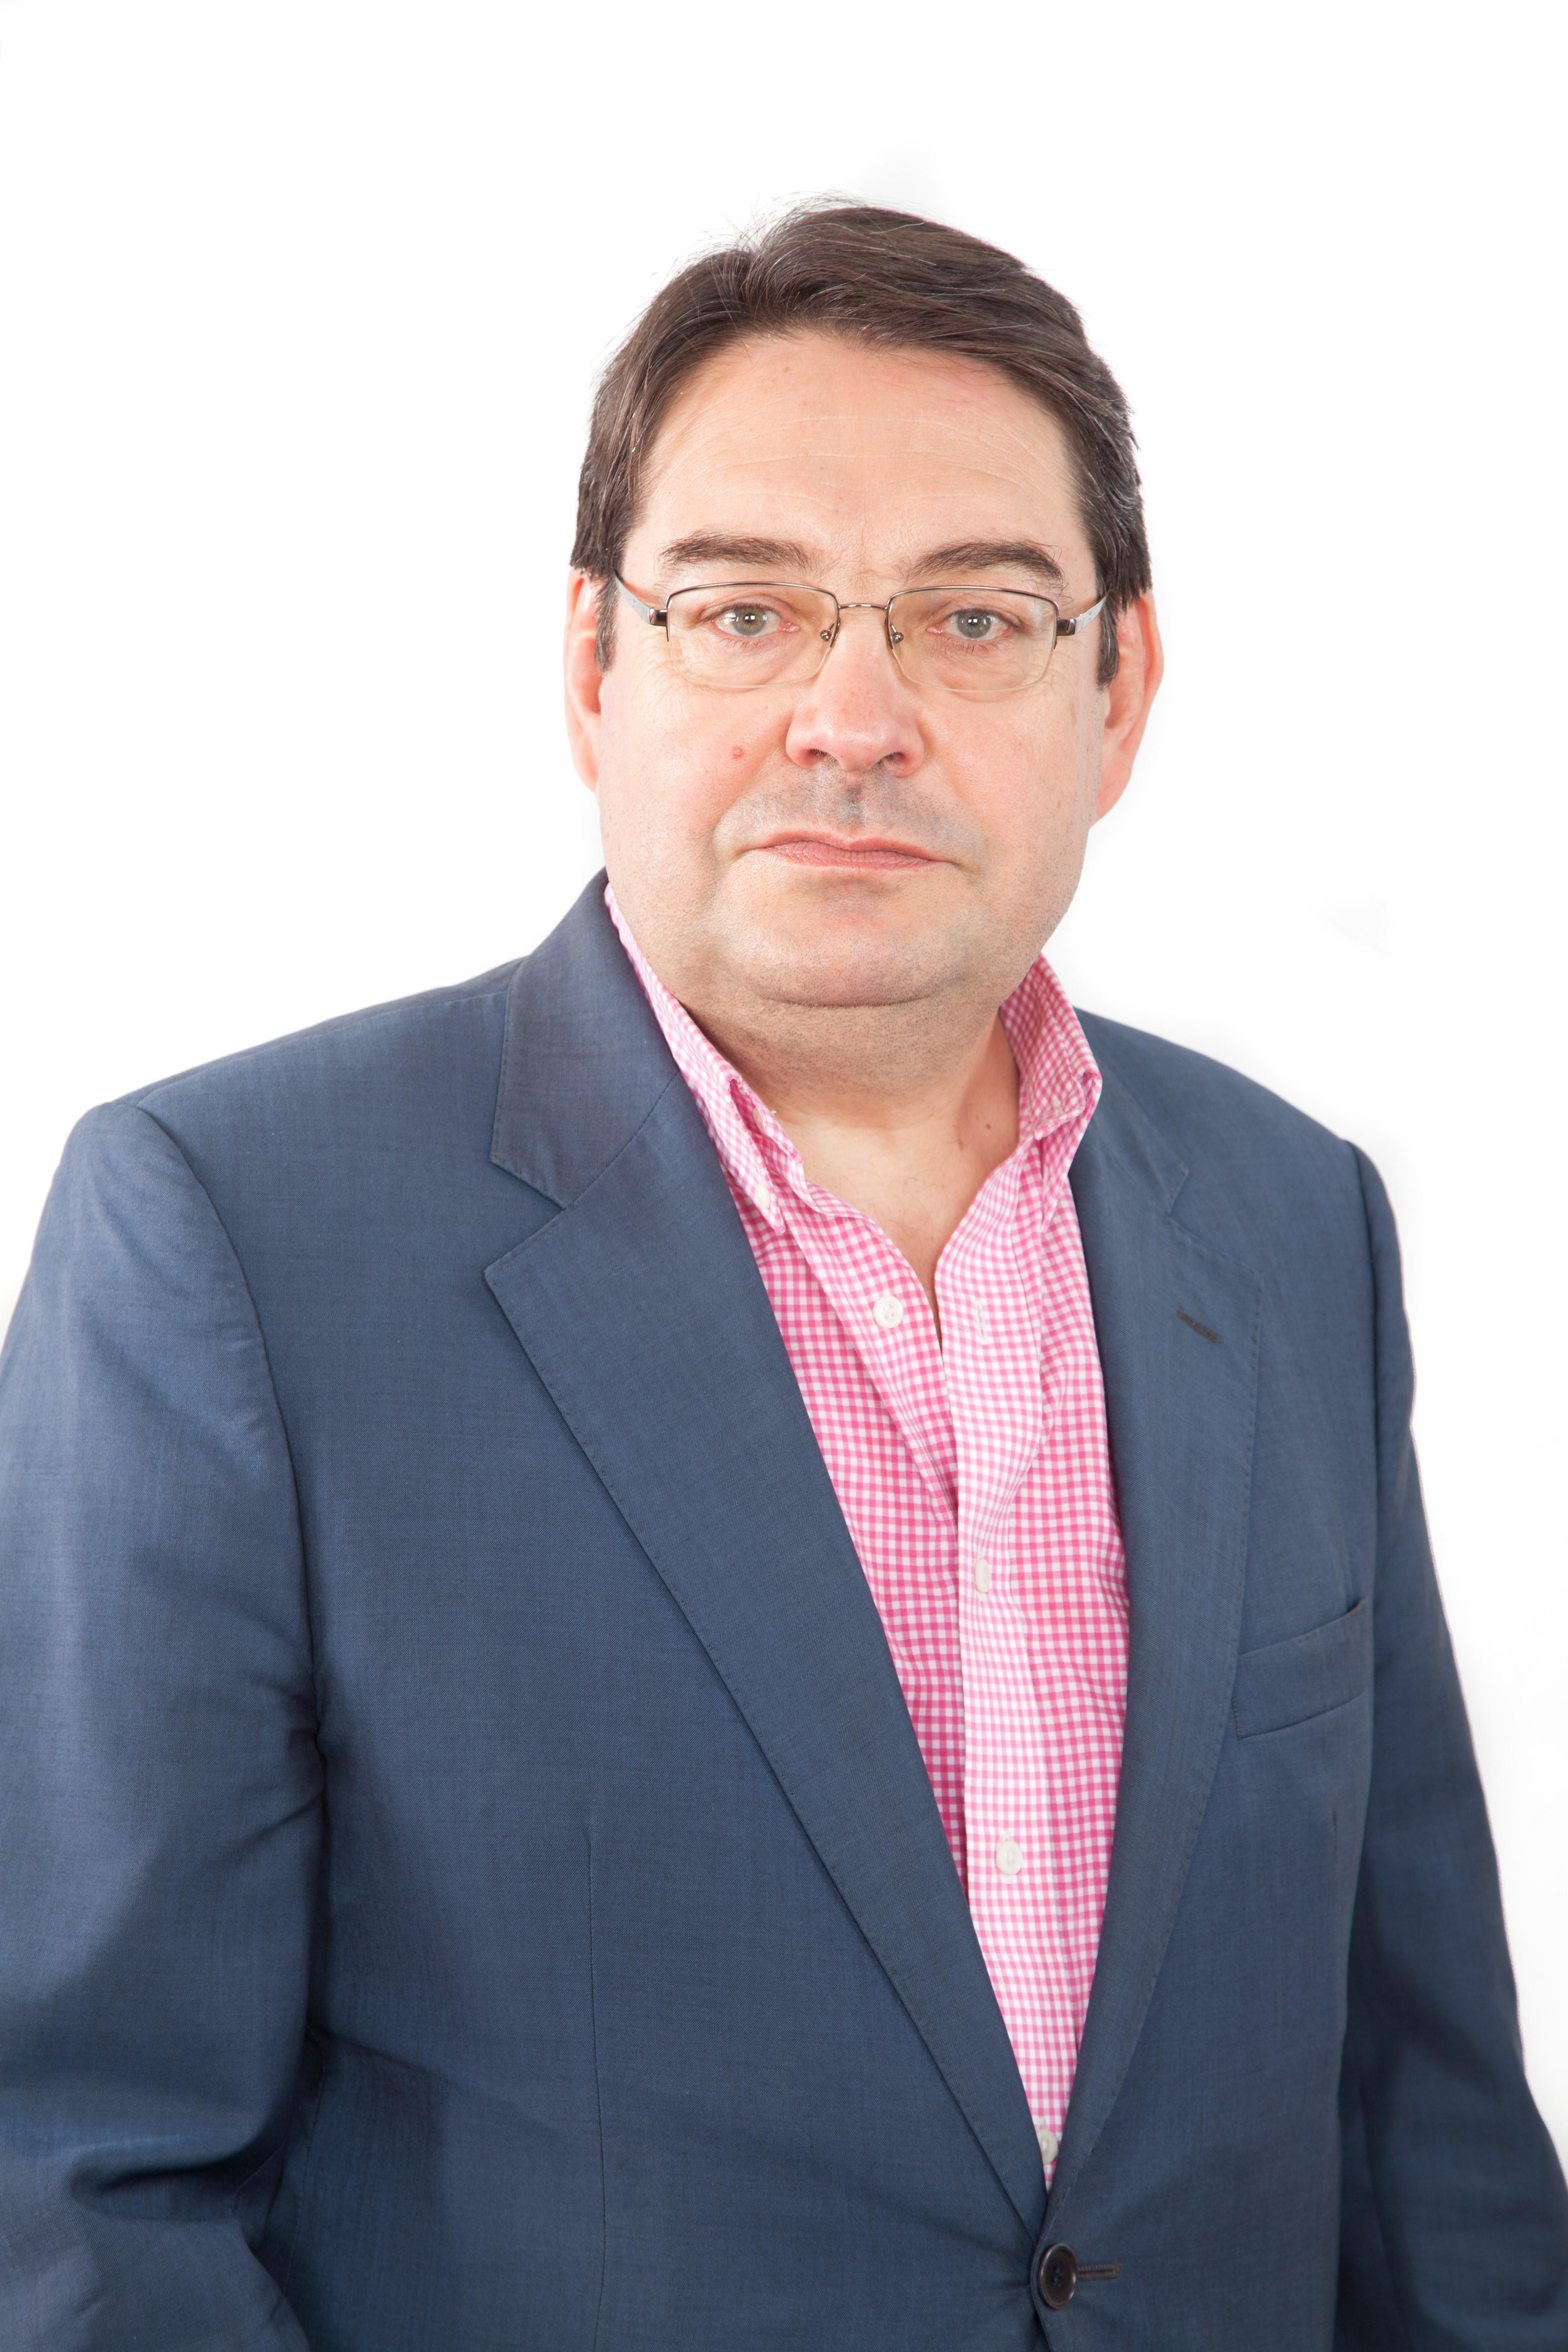 Jose Luis Moreno Ibañez